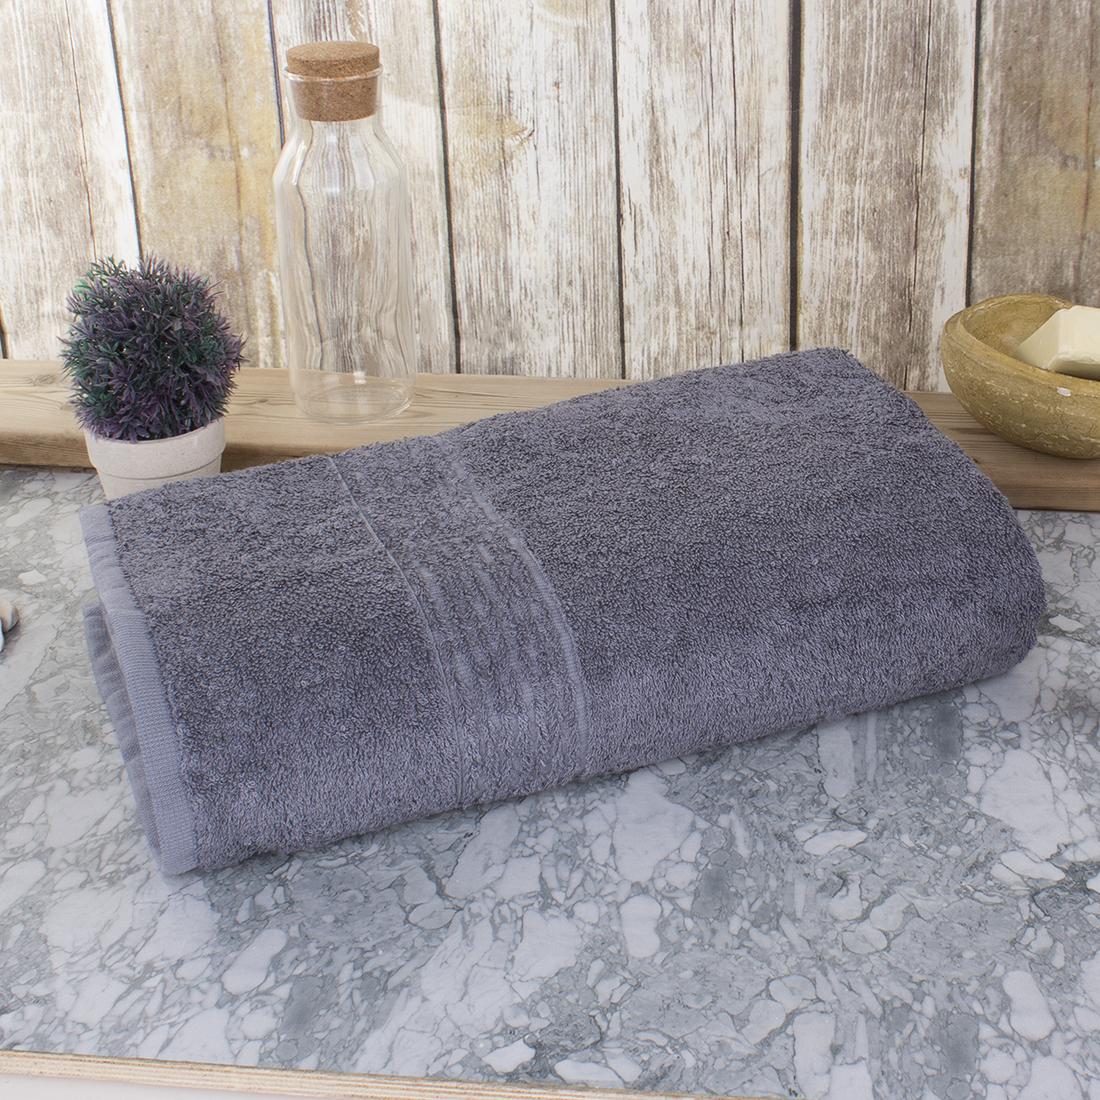 Полотенце Dome Harmonika, бамбуковое, цвет: пепельный серый. dme333662 шкаф для одежды 4 х дв с ящиками ирис